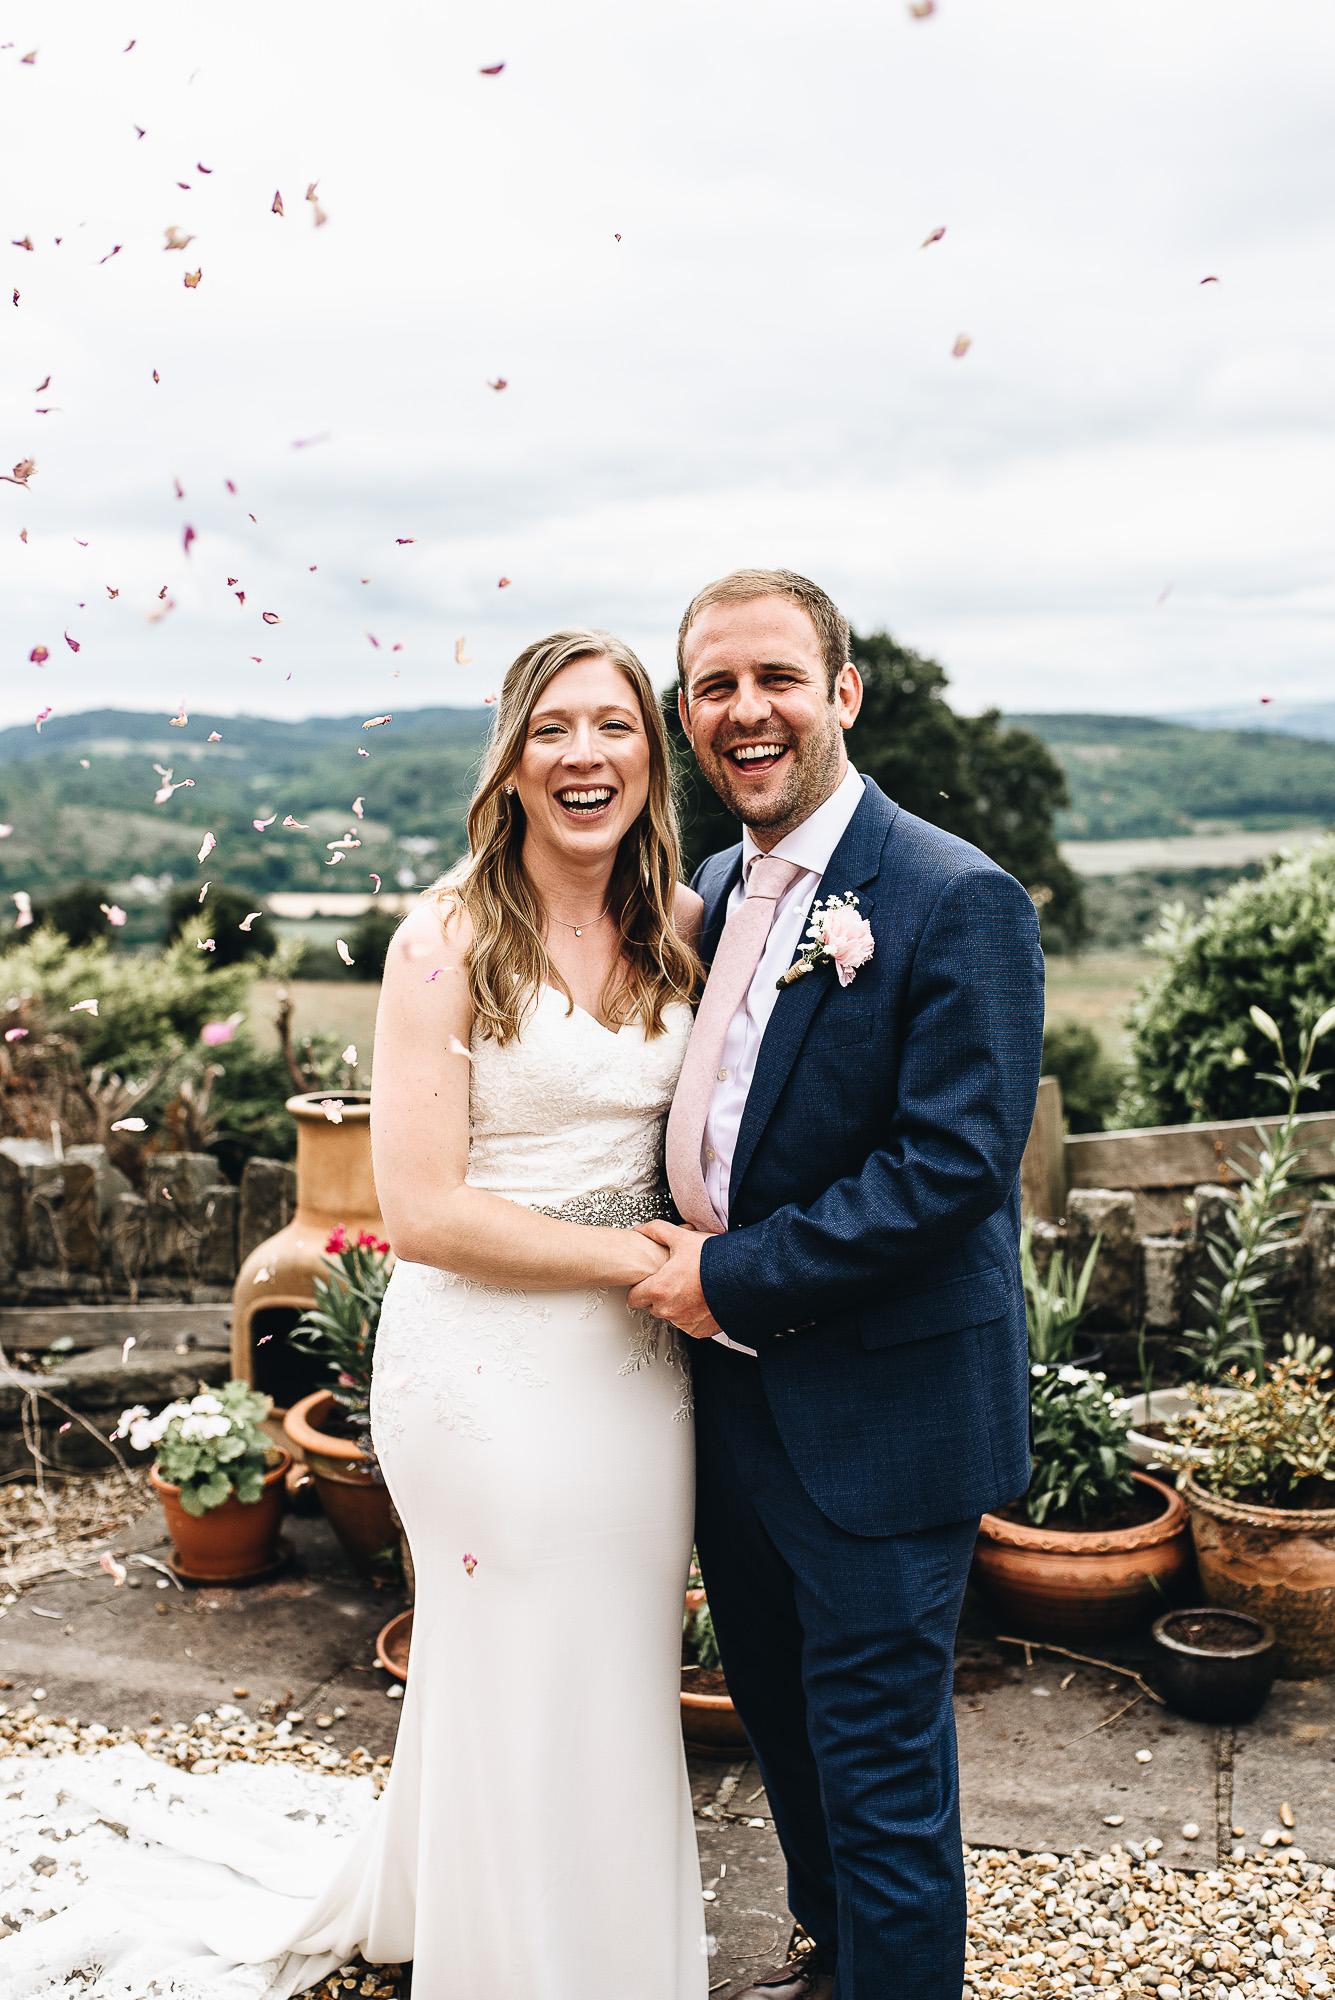 OurBeautifulAdventure-CardiffCastleWedding-Maddie&Joe-WeddingBlog-2.jpg